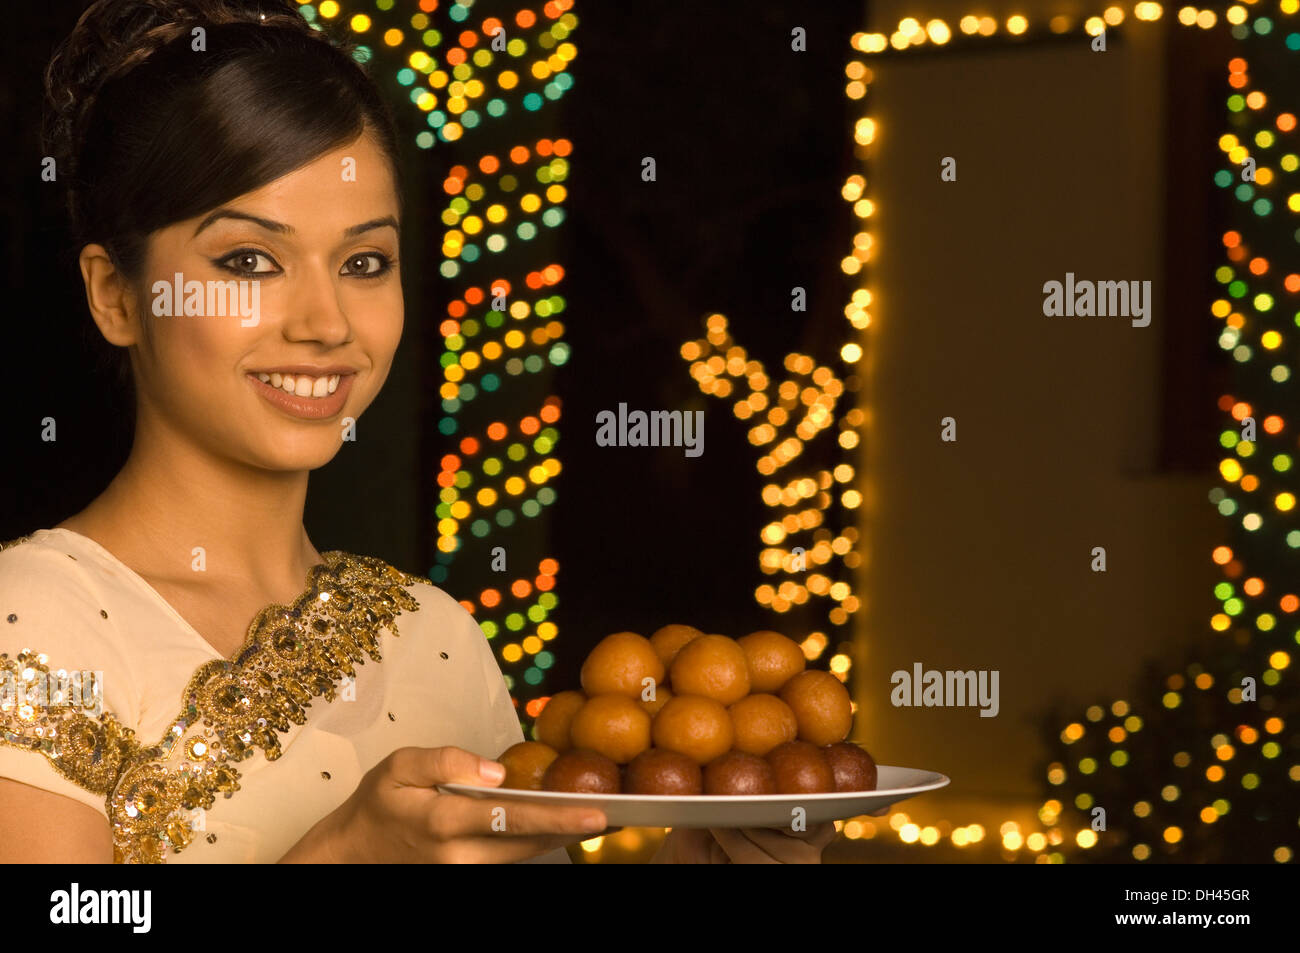 Süßigkeiten in eine Platte hält Frau lächelnd Stockfoto